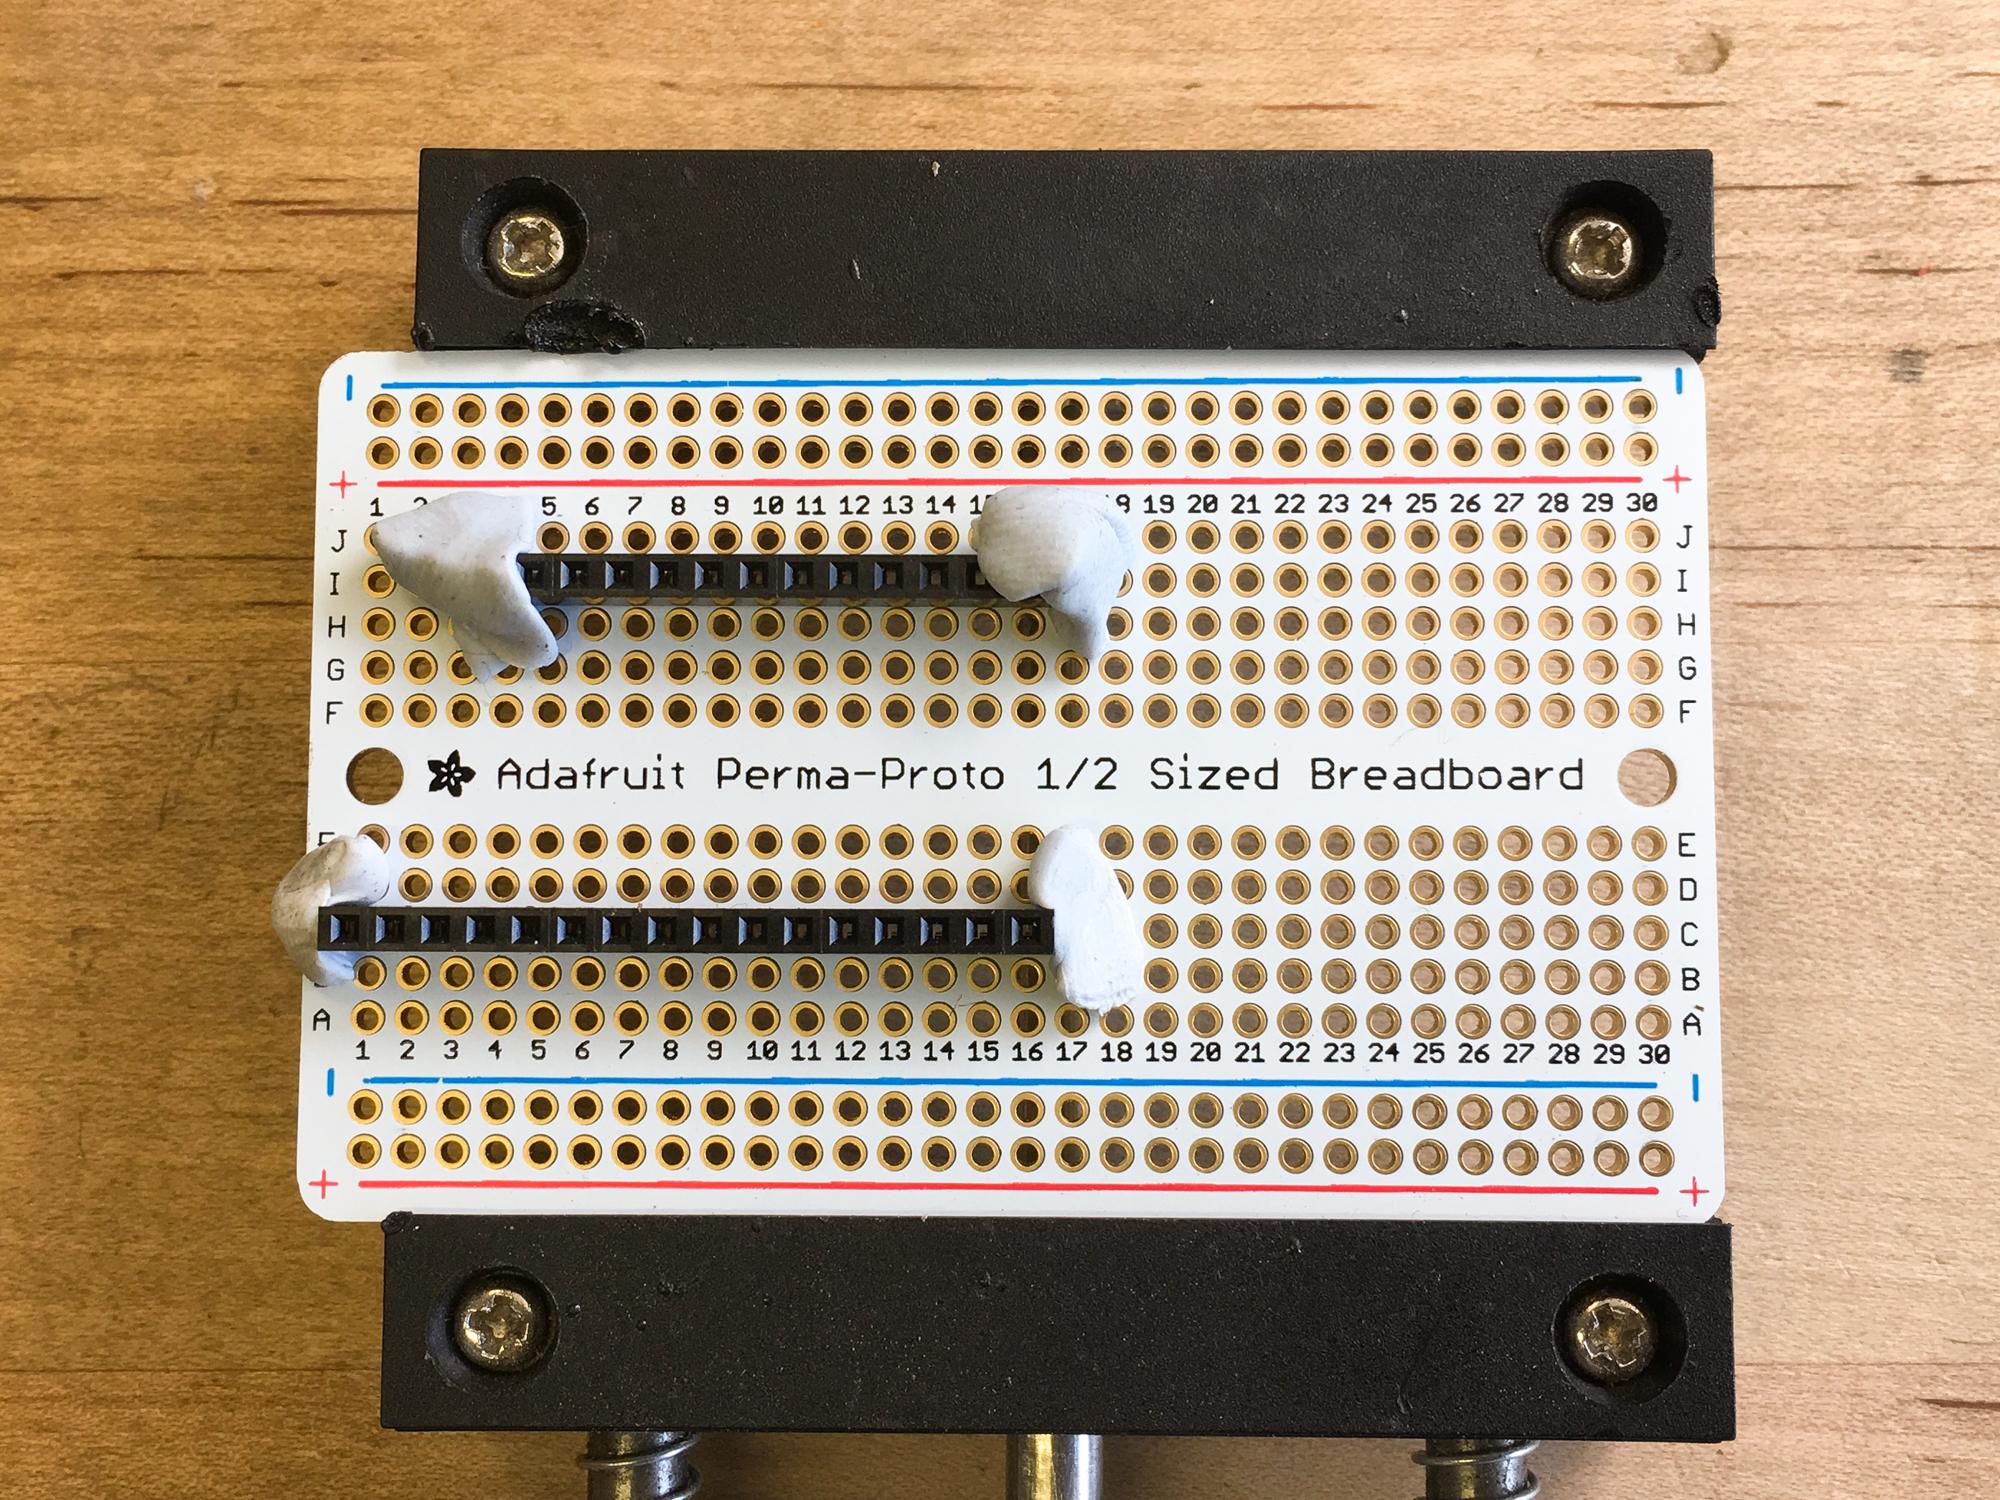 microcontrollers_IMG_1734_2k.jpg